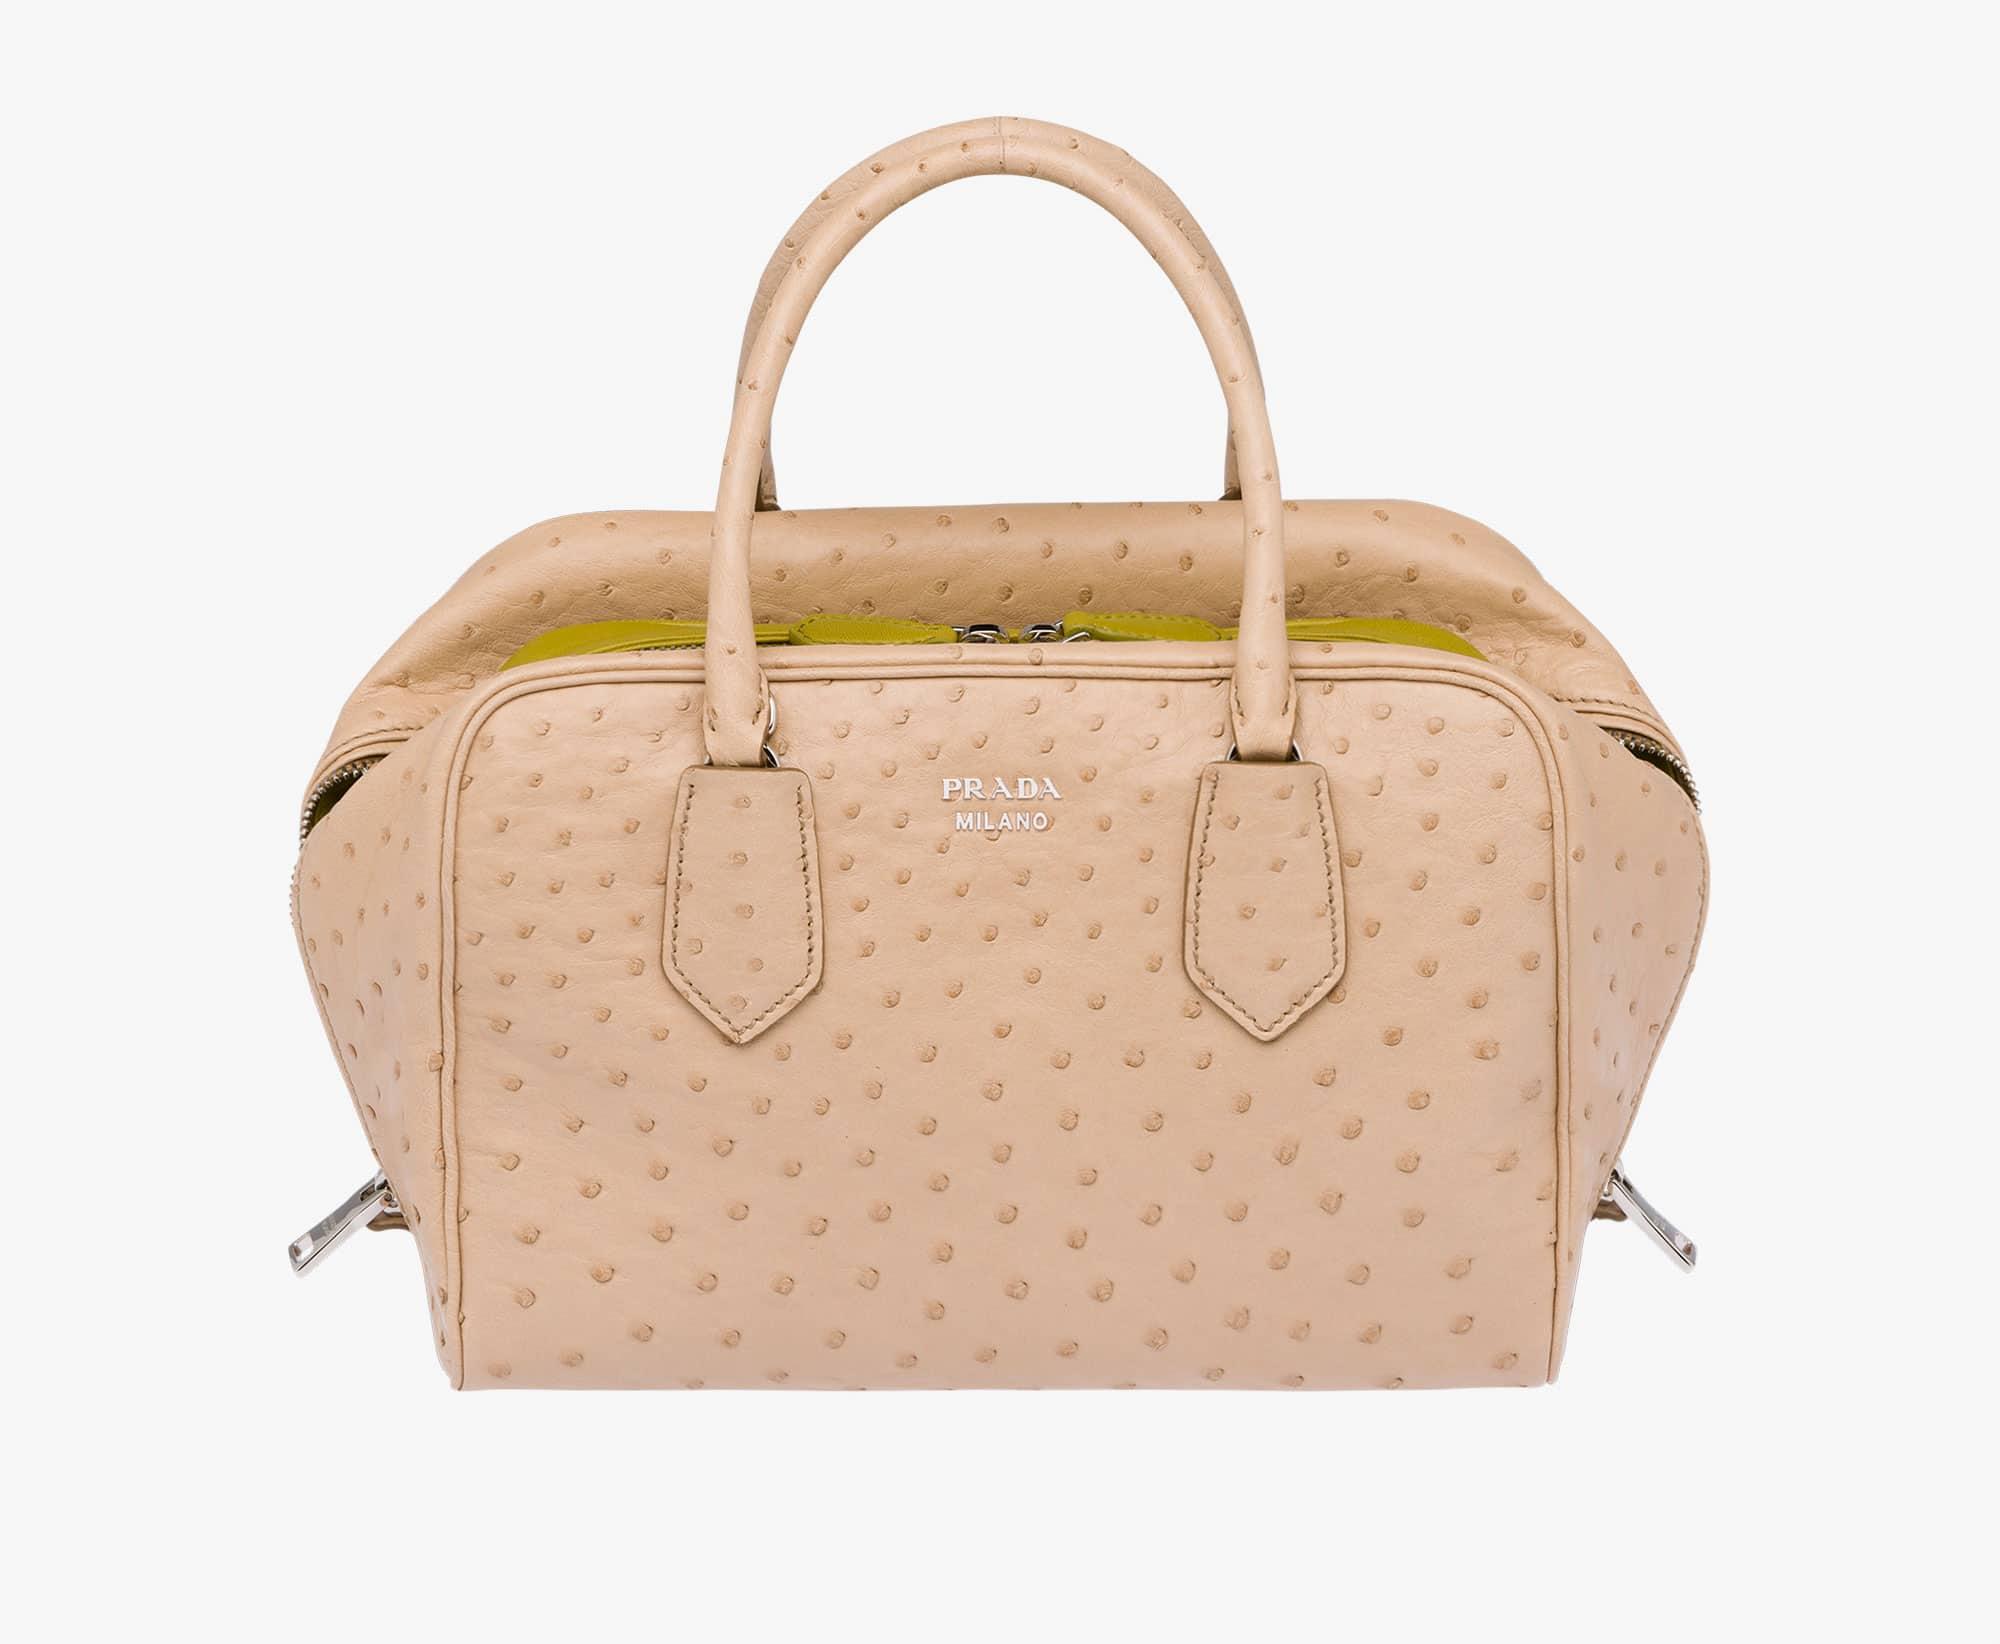 cheap real prada sneakers - prada ostrich handbag